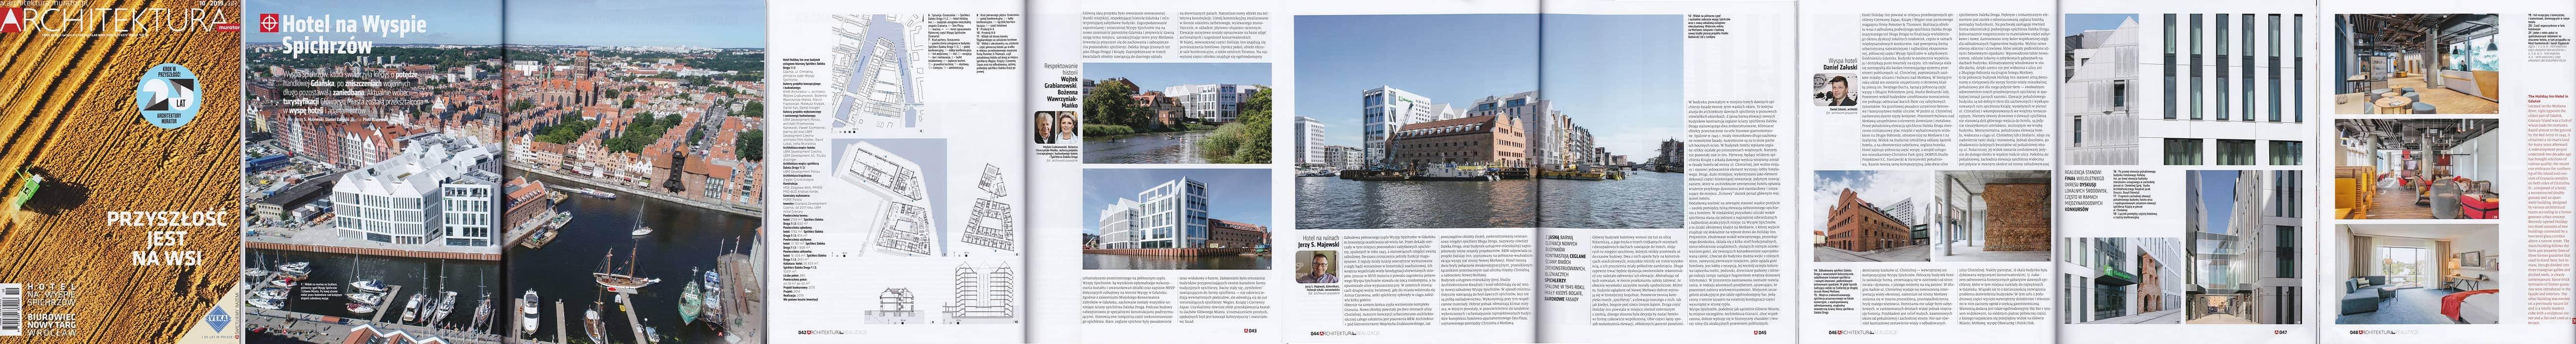 Architektura Murator 10/2019